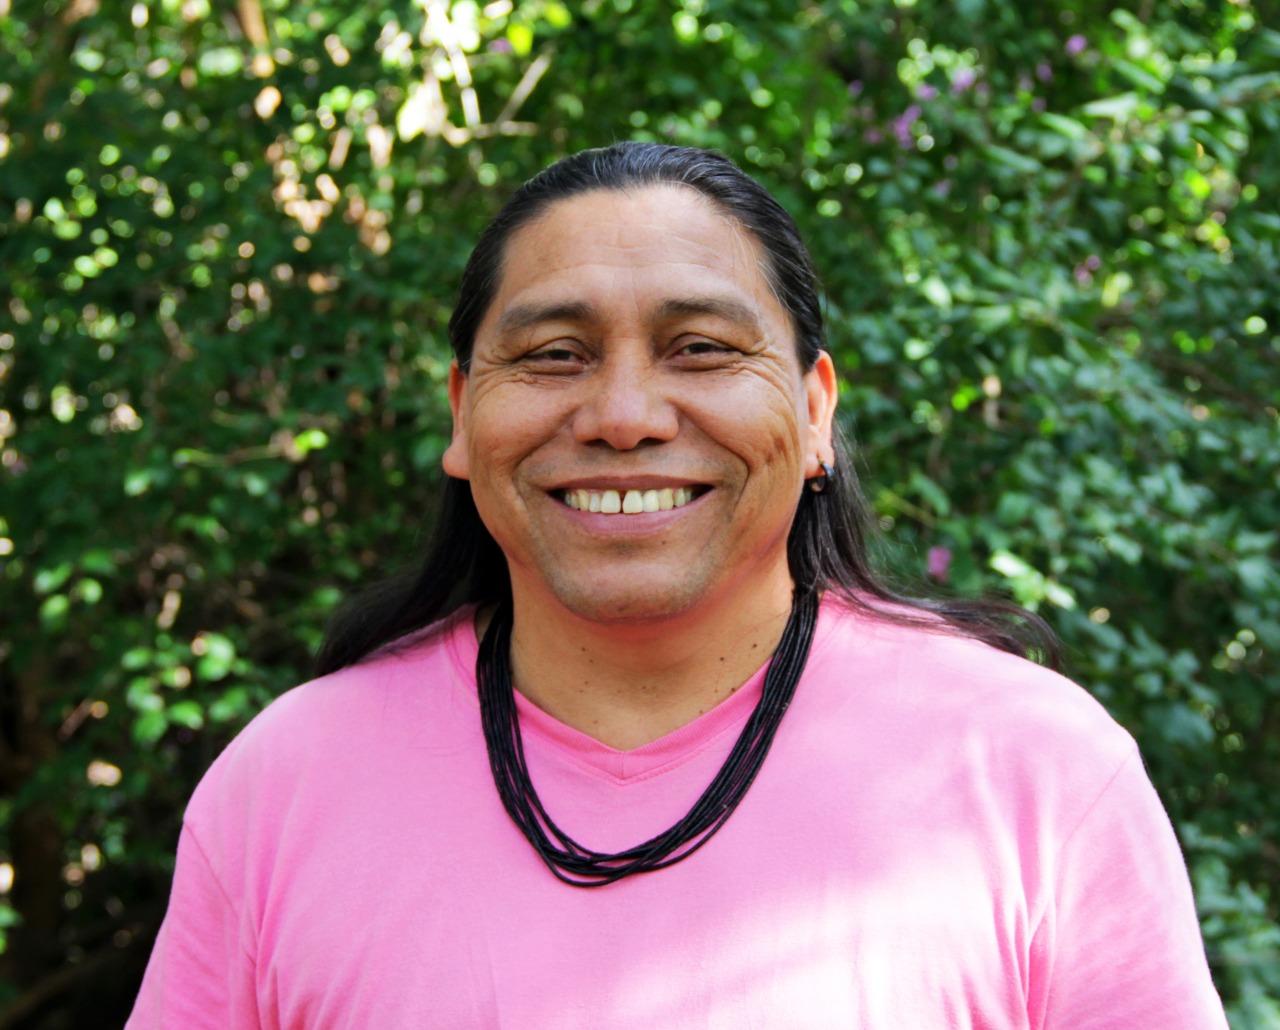 escritor indígena